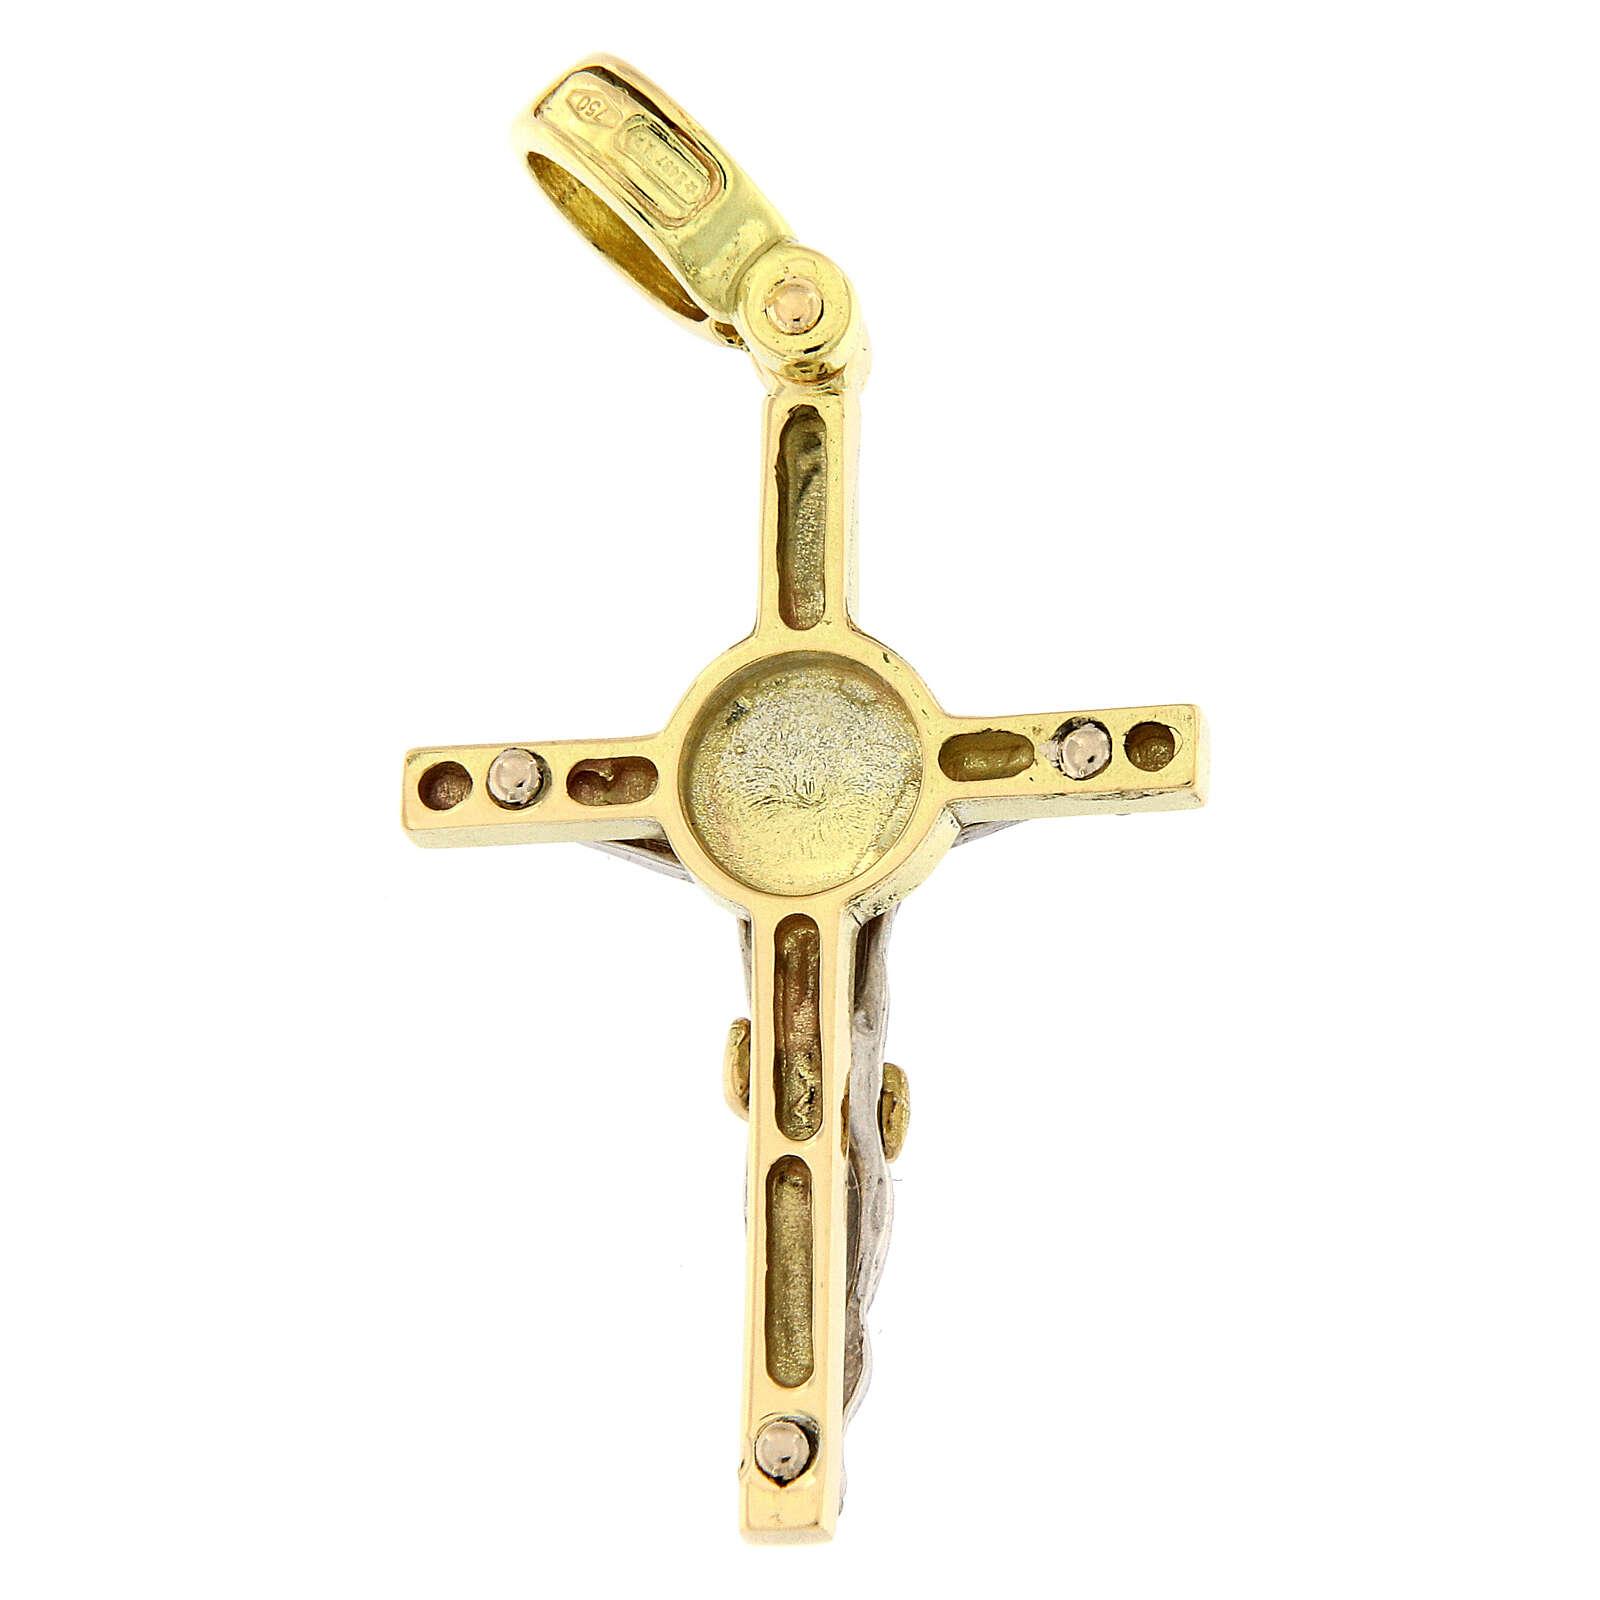 Pendente croce motivo tondo oro 18 kt bicolore 3,8 gr 4